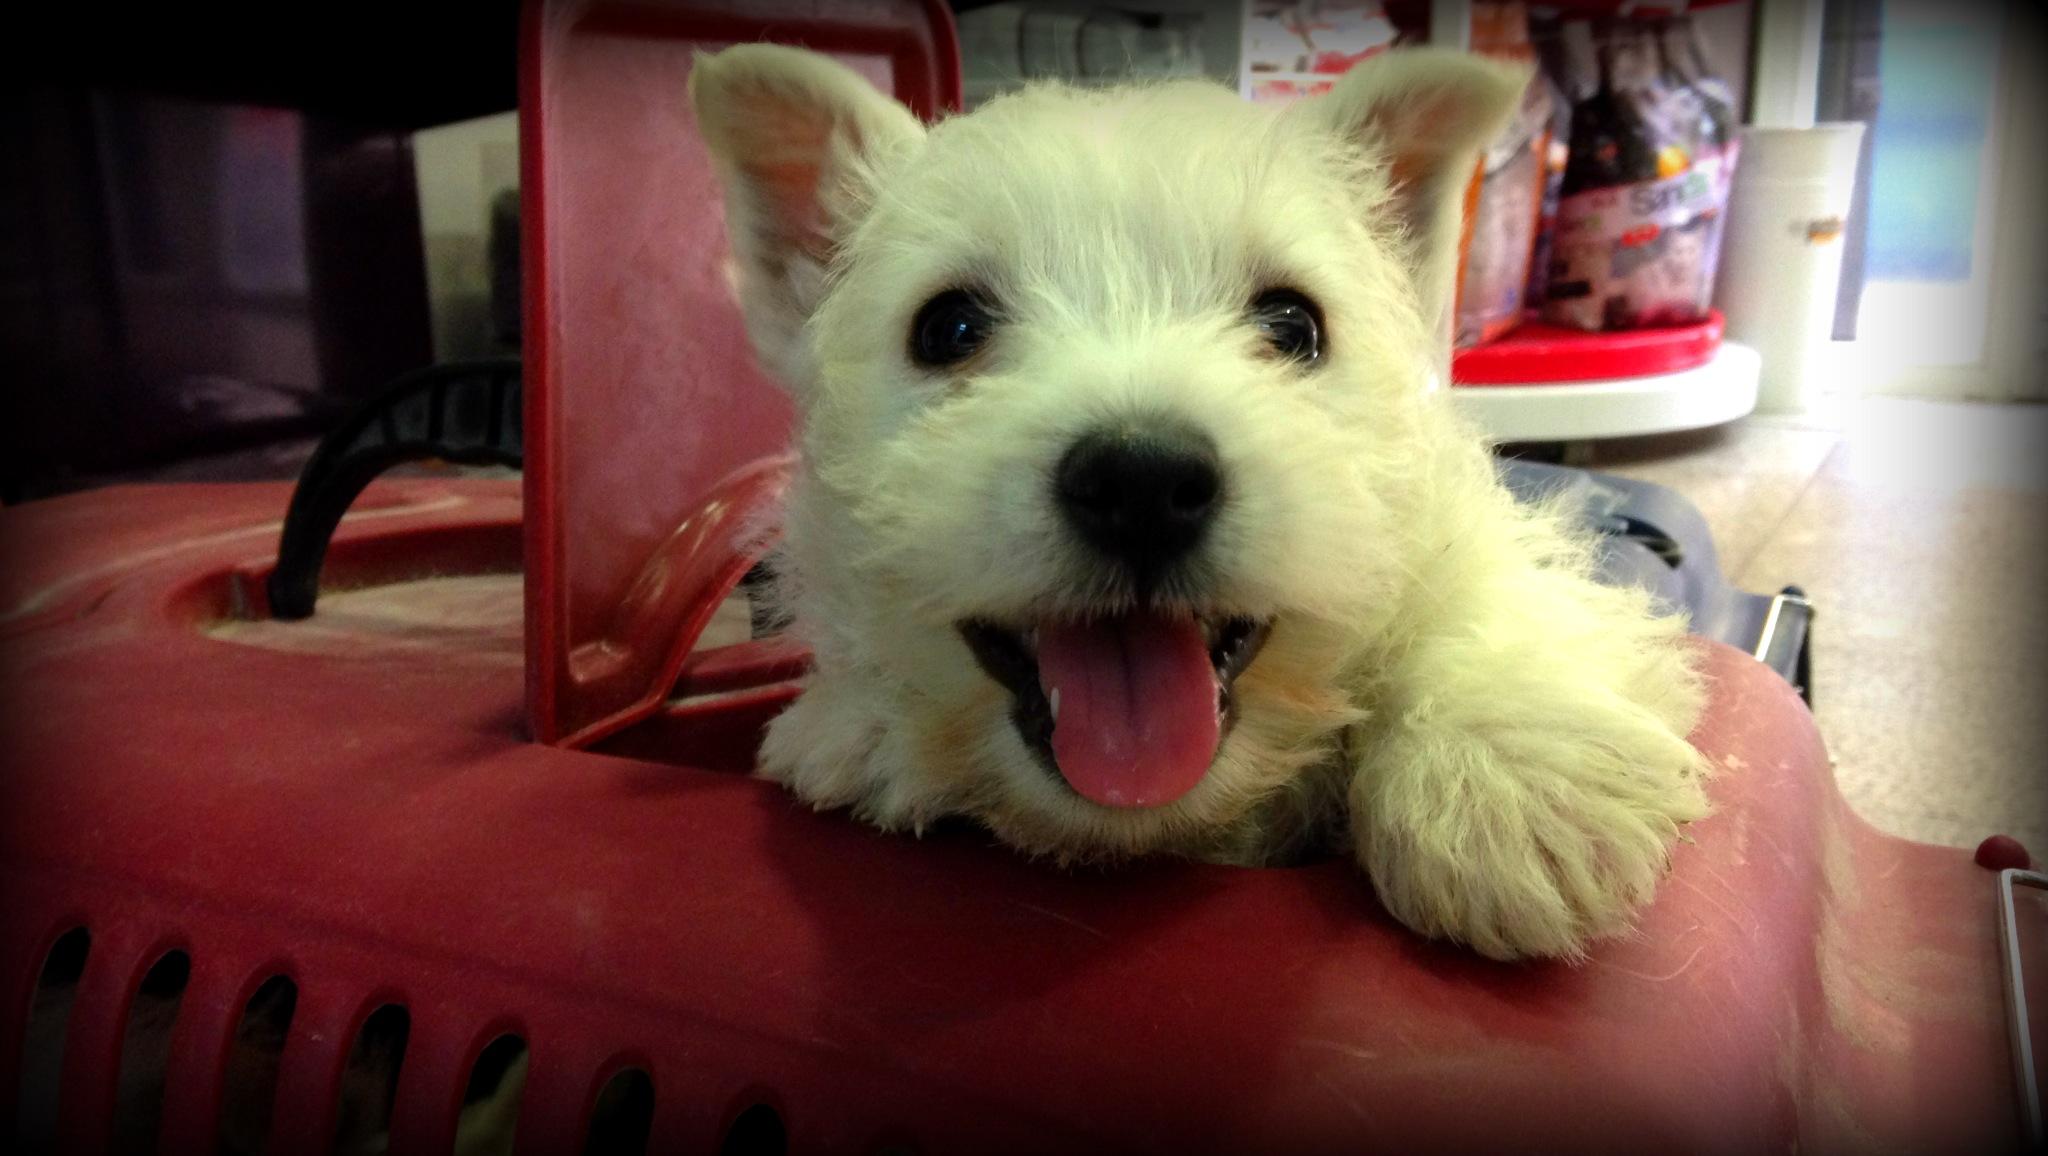 Cachorro de westie Demerino a la llegada al veterinario